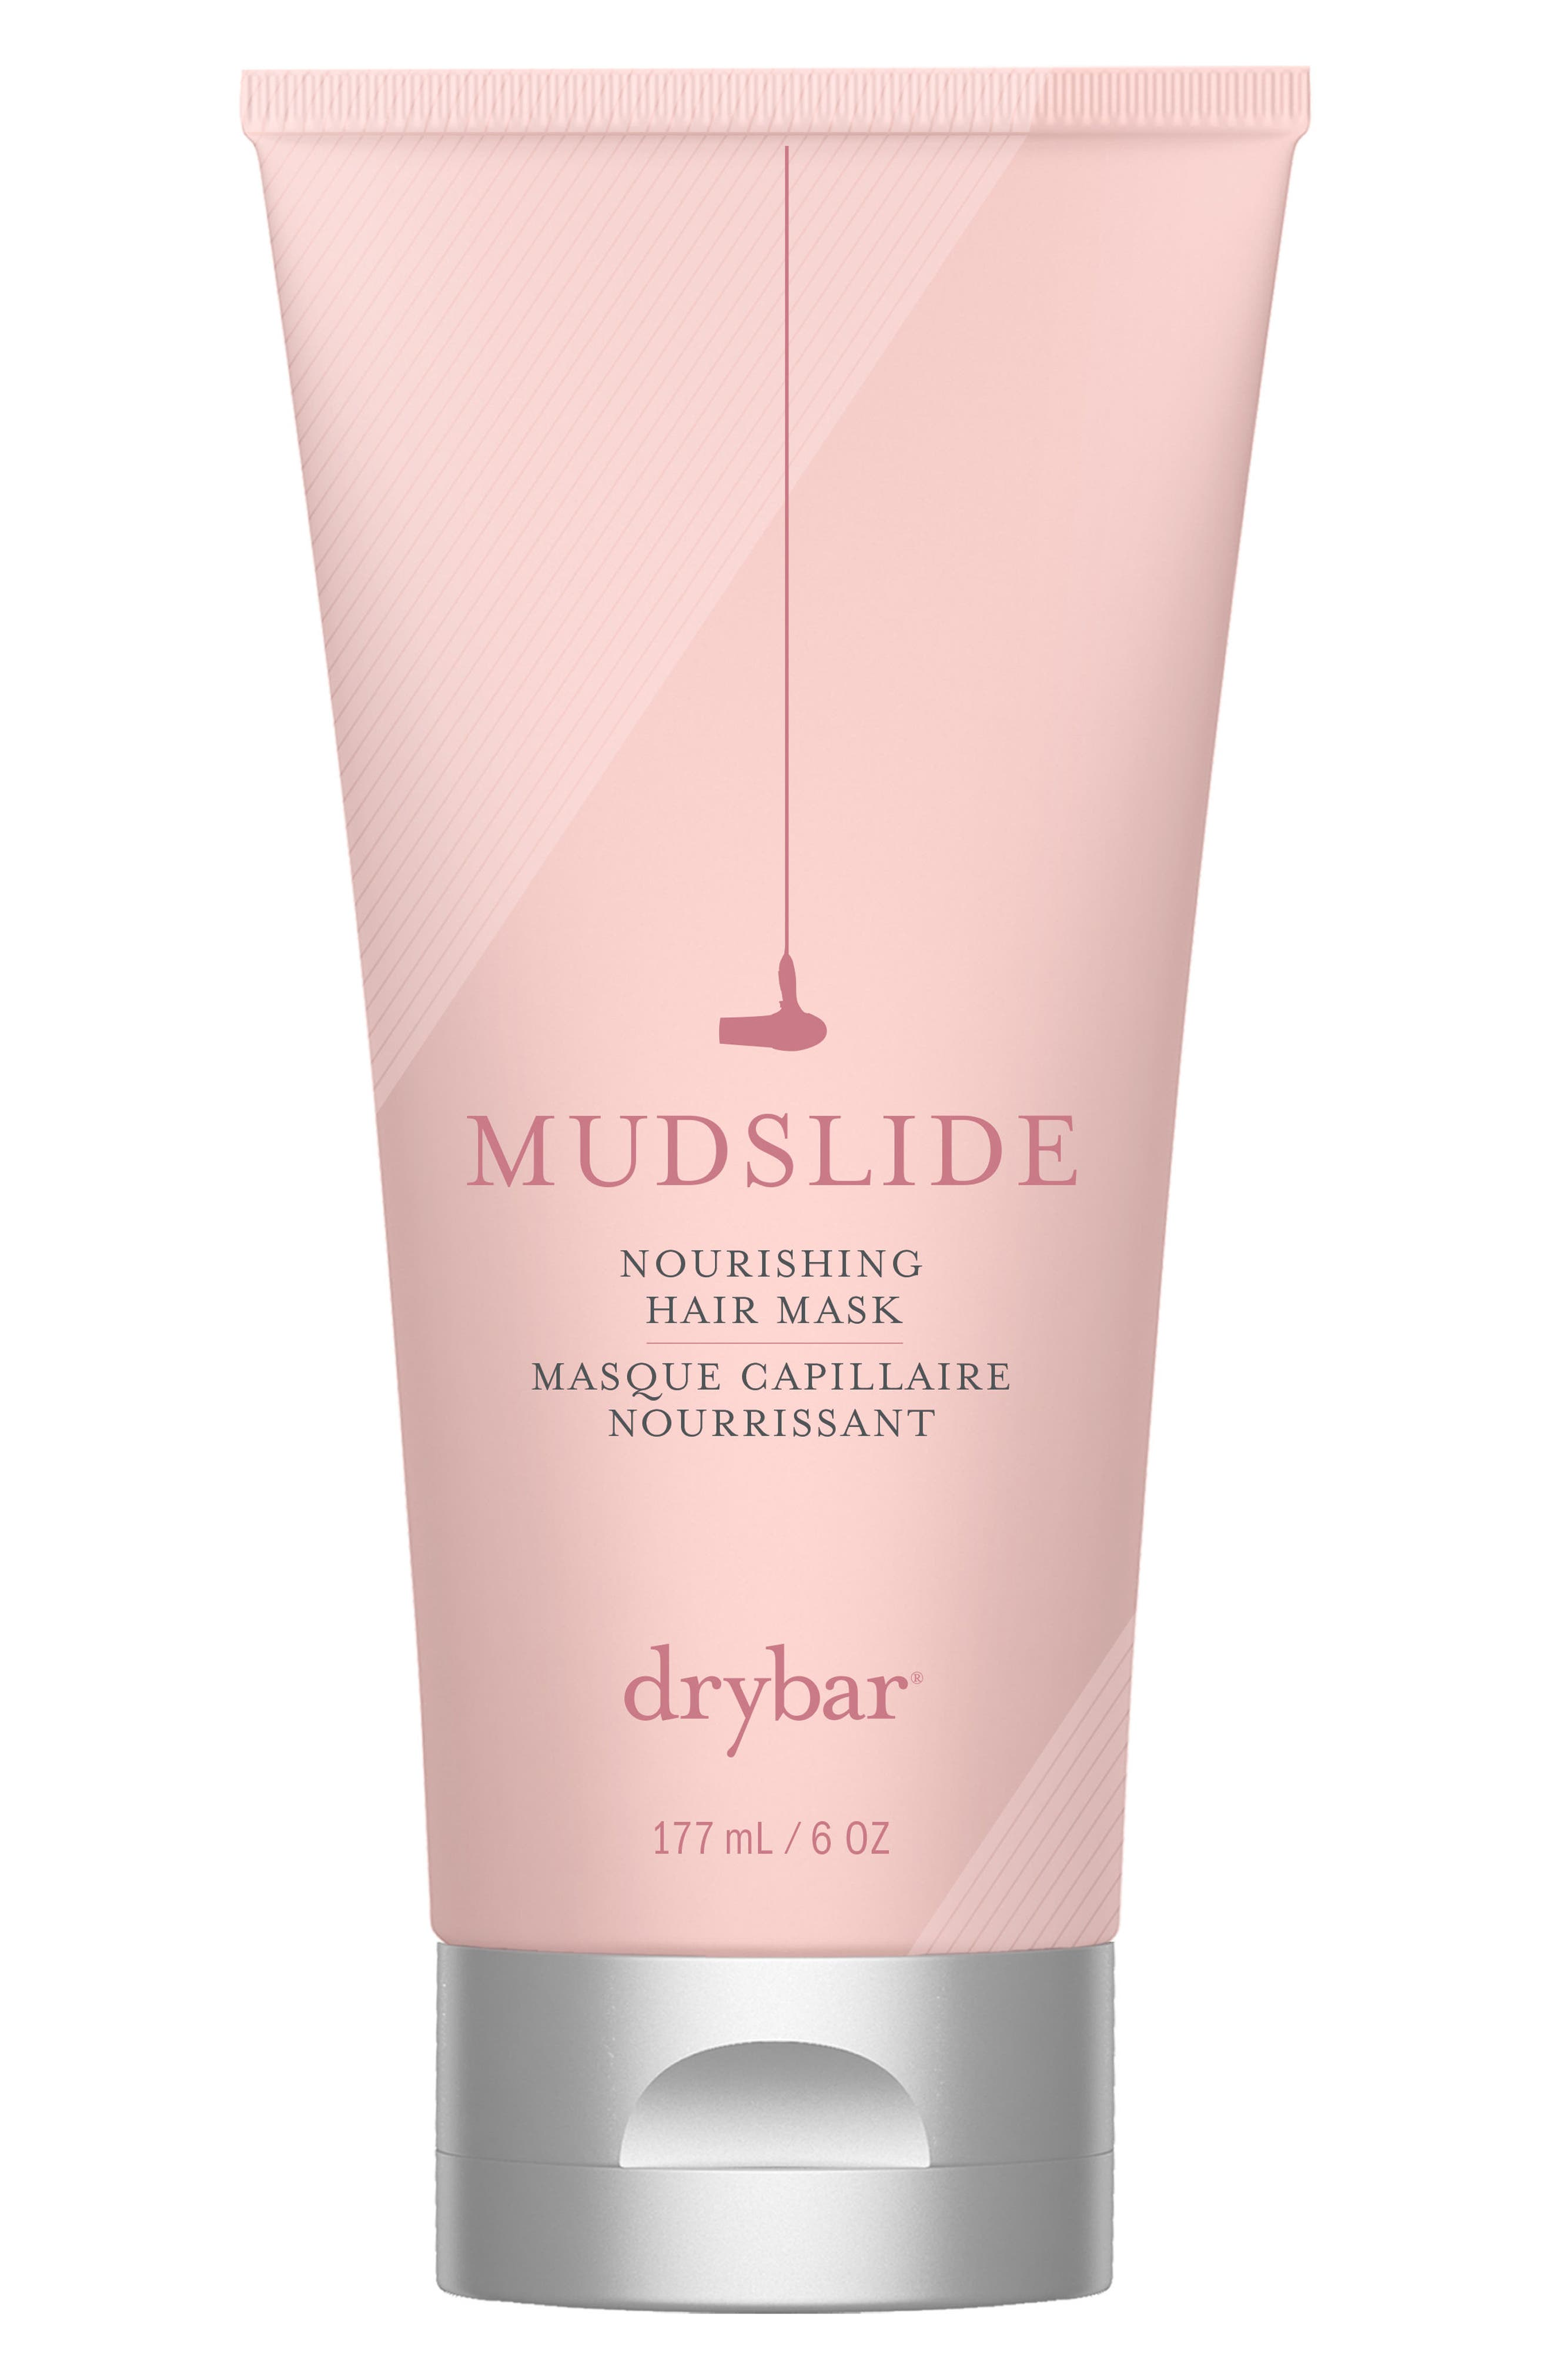 Drybar Mudslide Nourishing Hair Mask